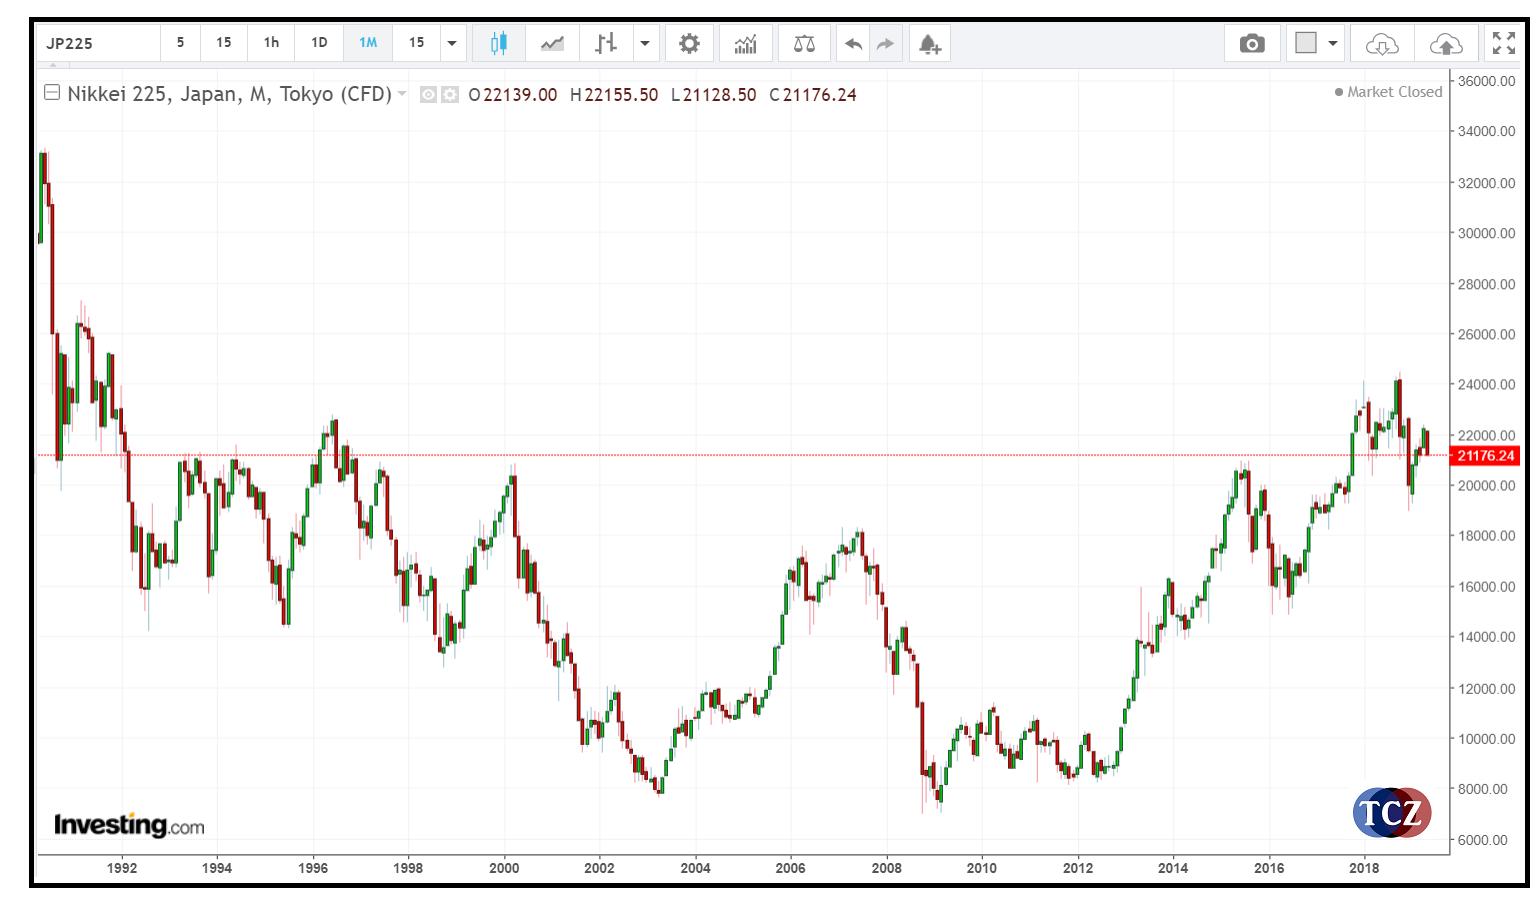 NIKKEI - JP225 japonský akciový index